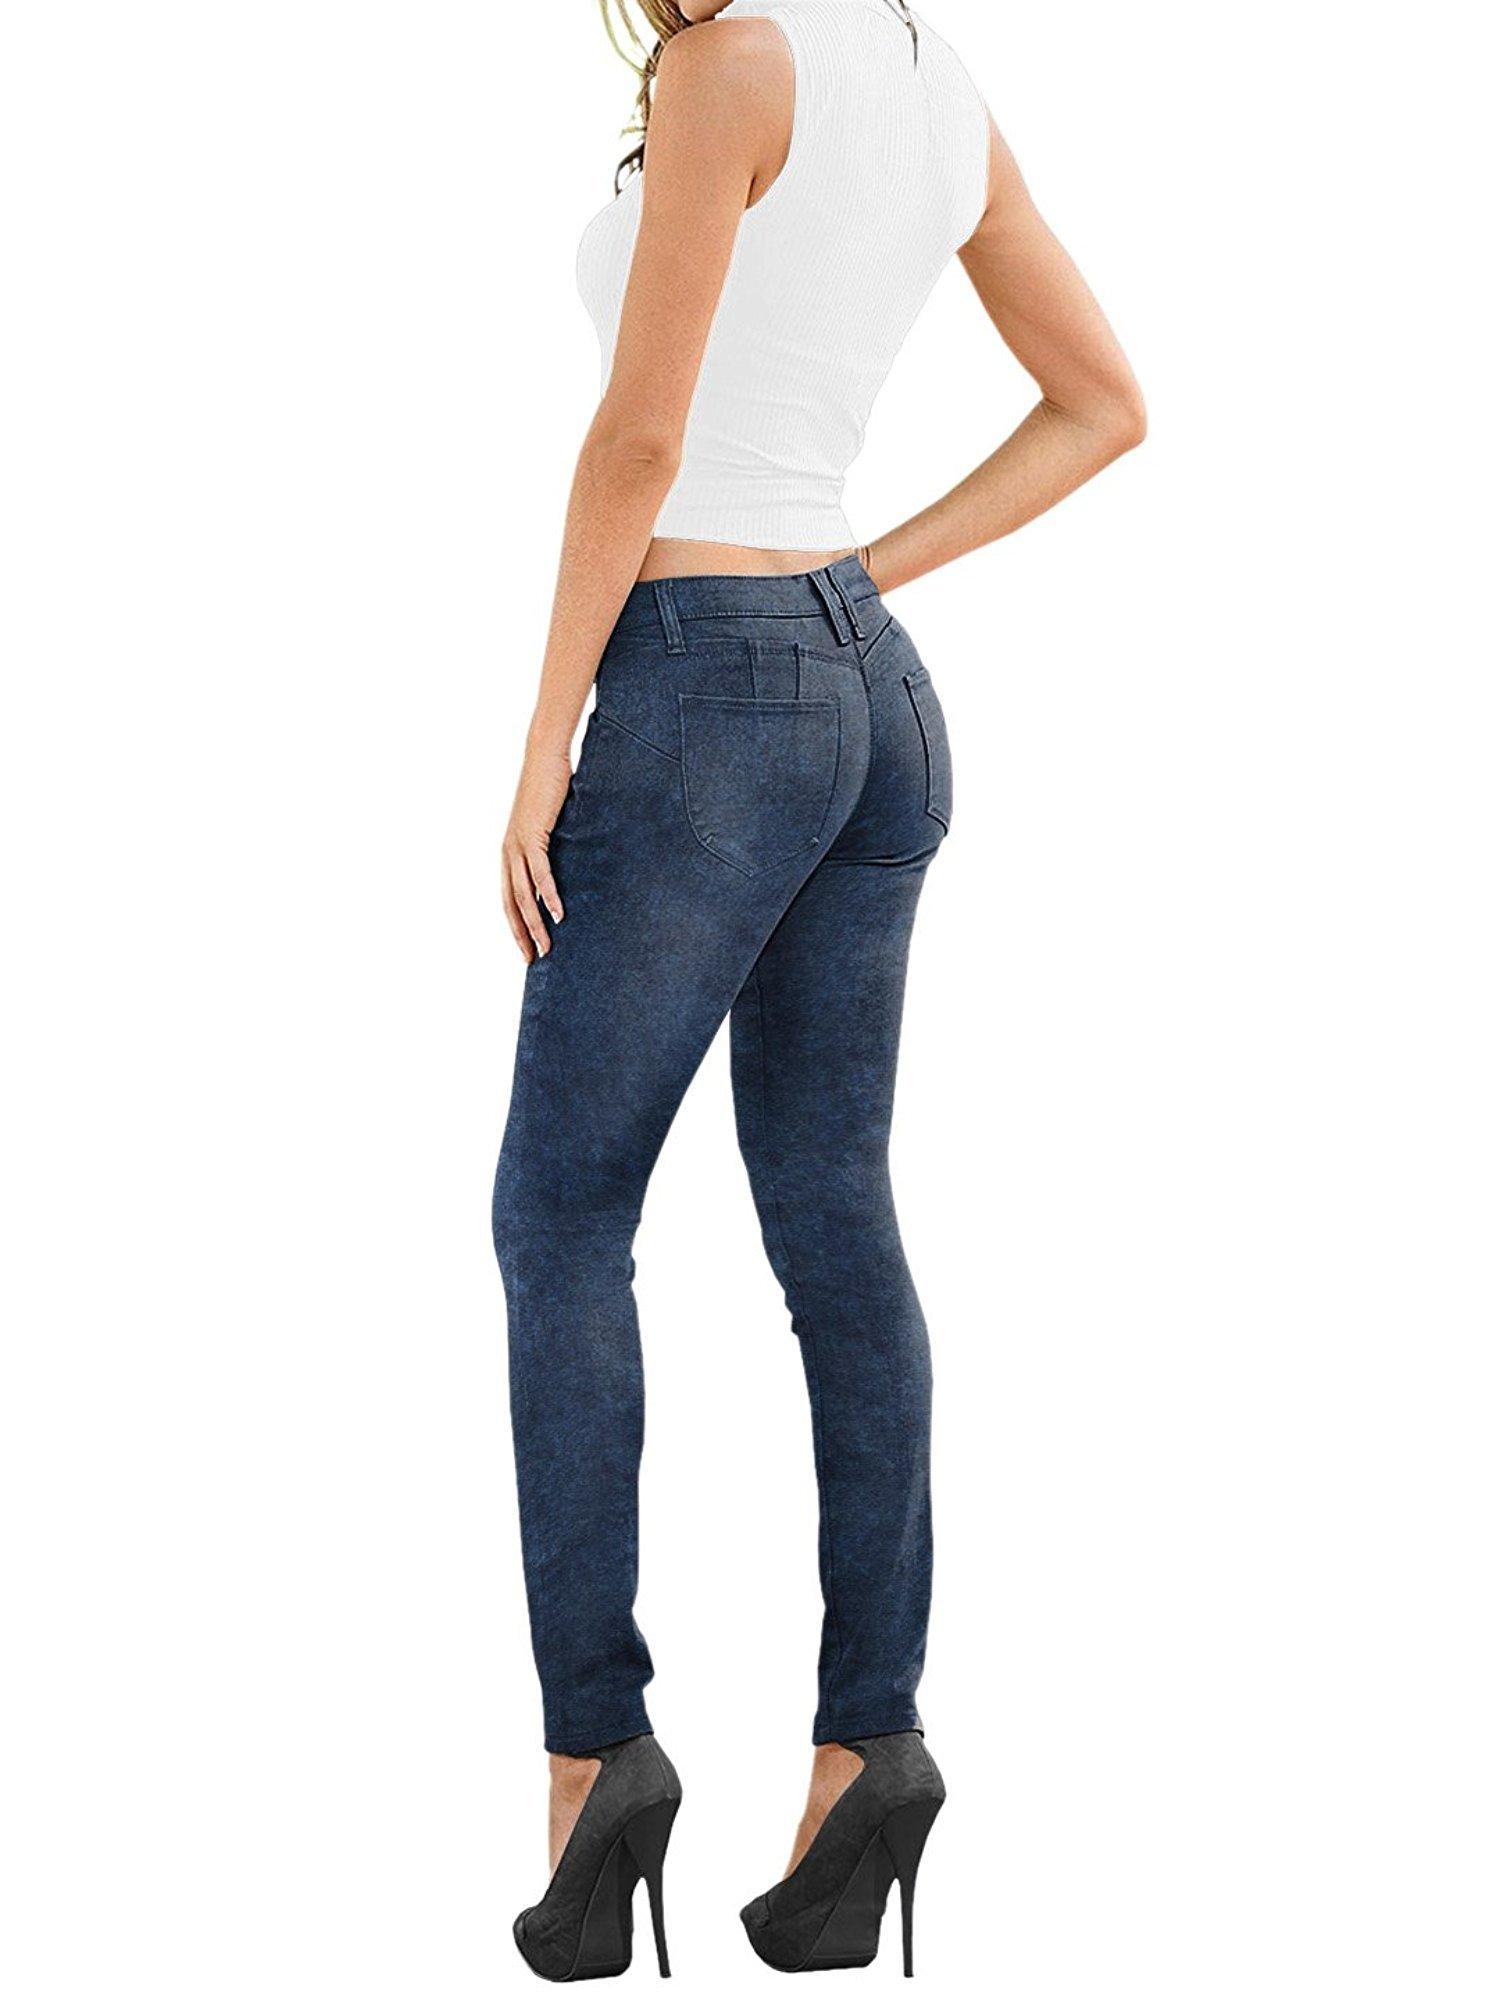 Women's Super Comfy Stretch Denim Skinny Jeans XPS37381SK Blue Acid 10